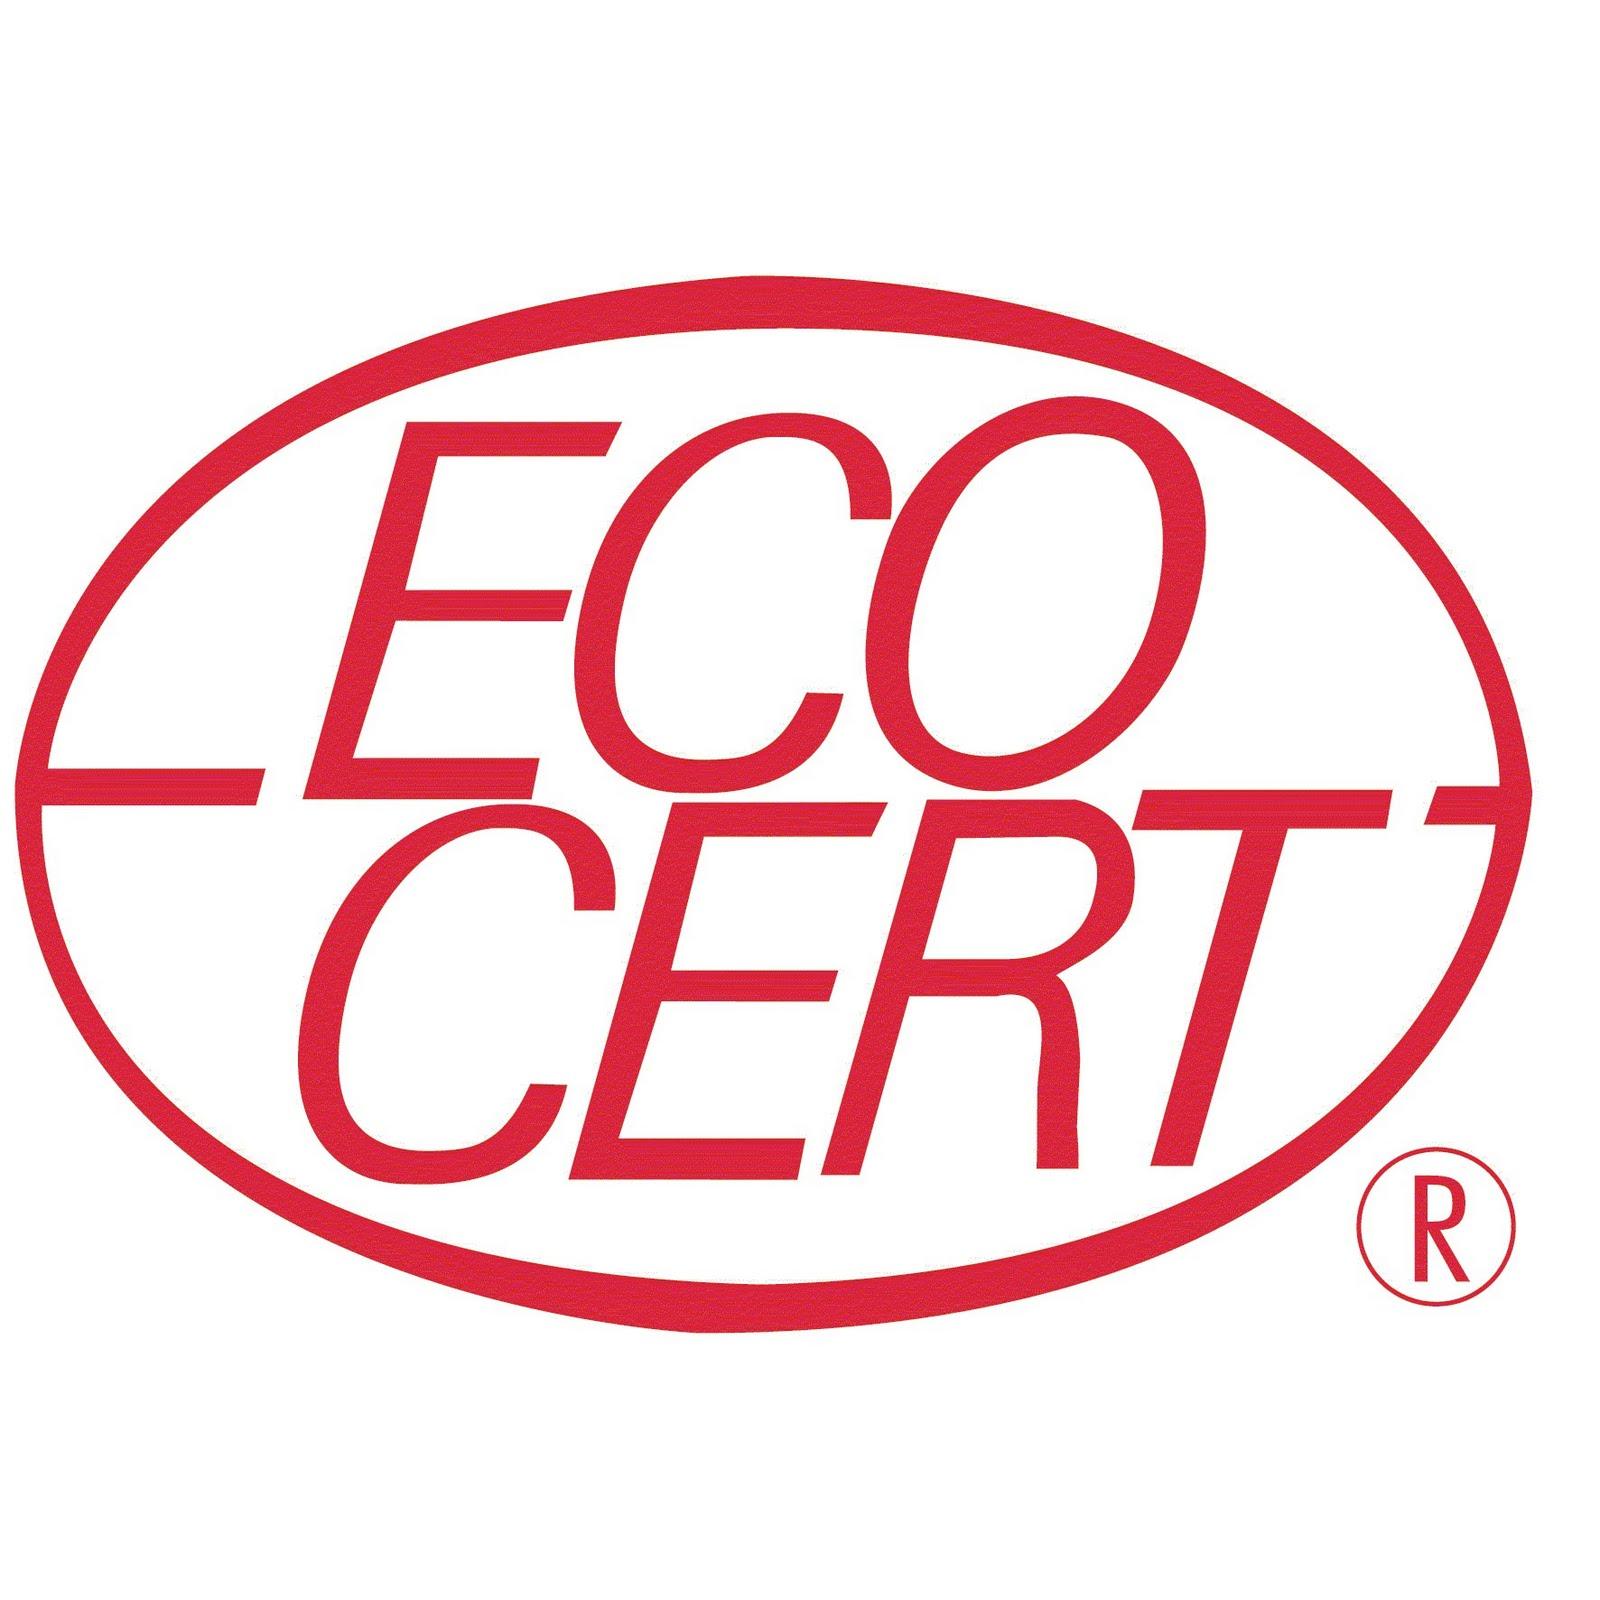 Coton bio, certificat délivré par ecocert greenlife